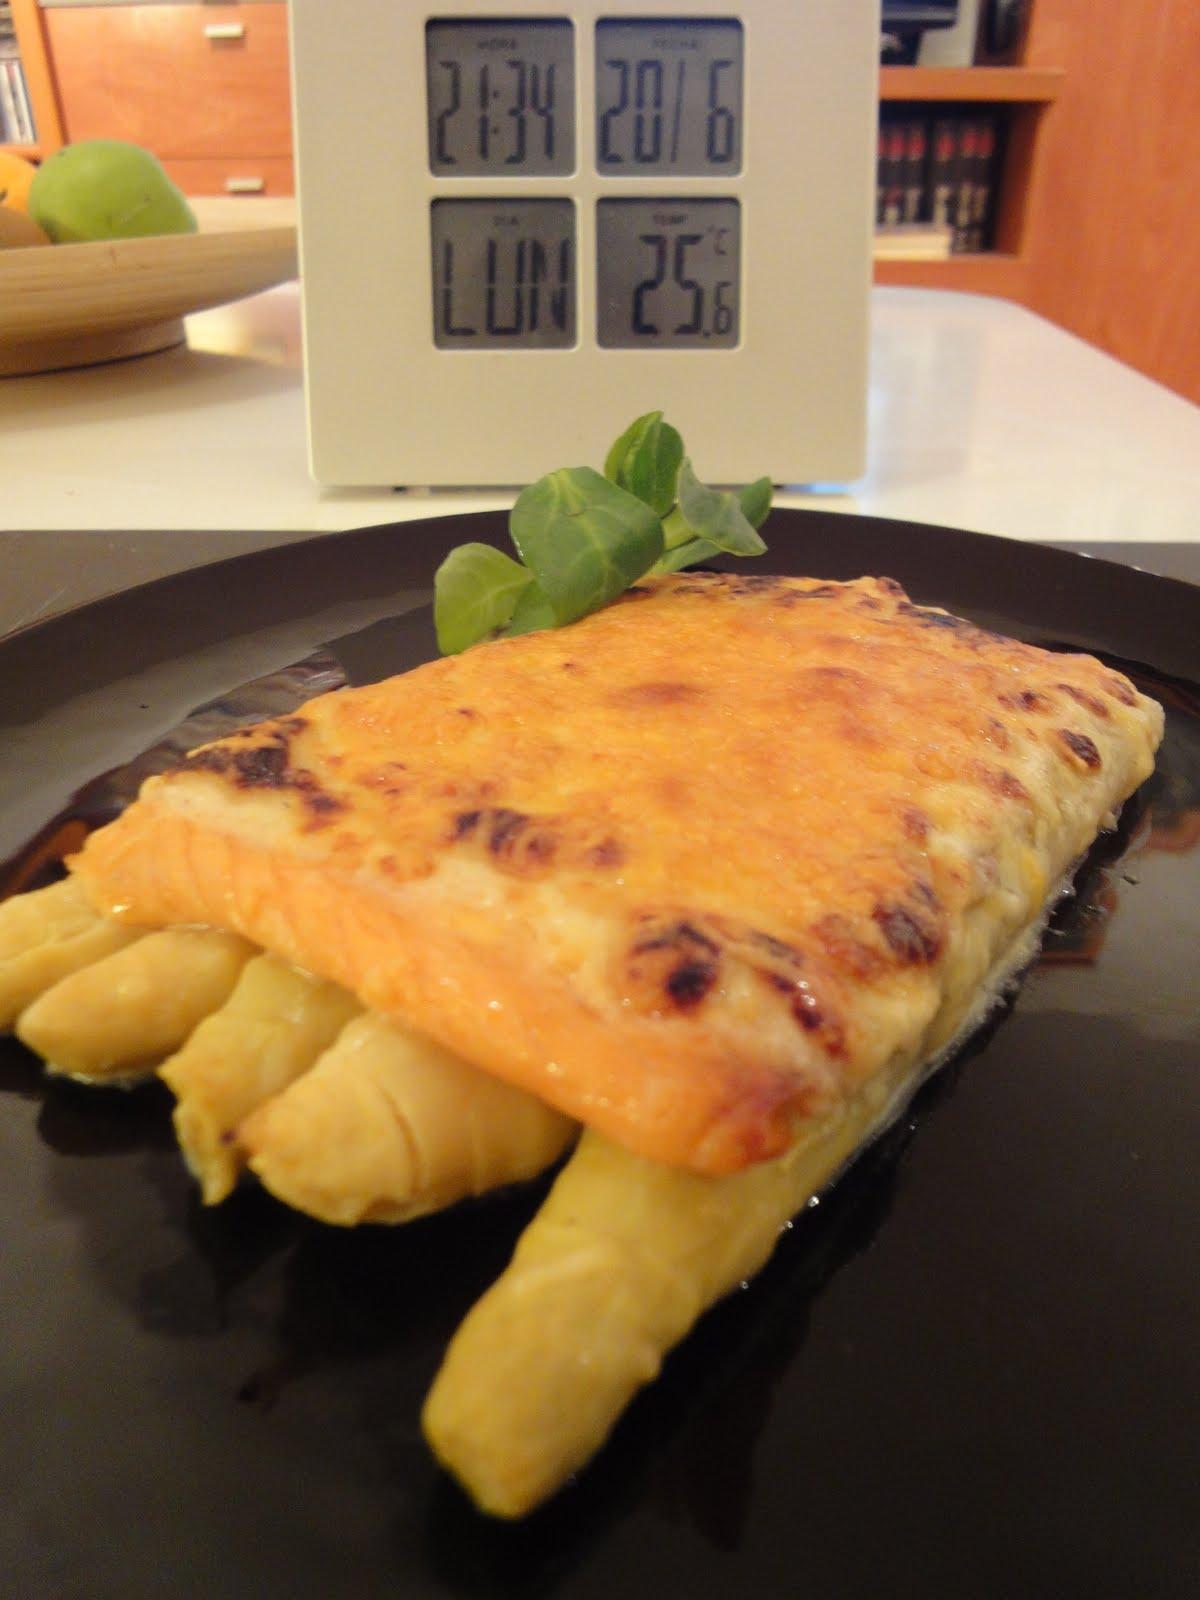 Clases de cocina zaragoza esp rragos gratidados con salm n - Cursos de cocina zaragoza ...